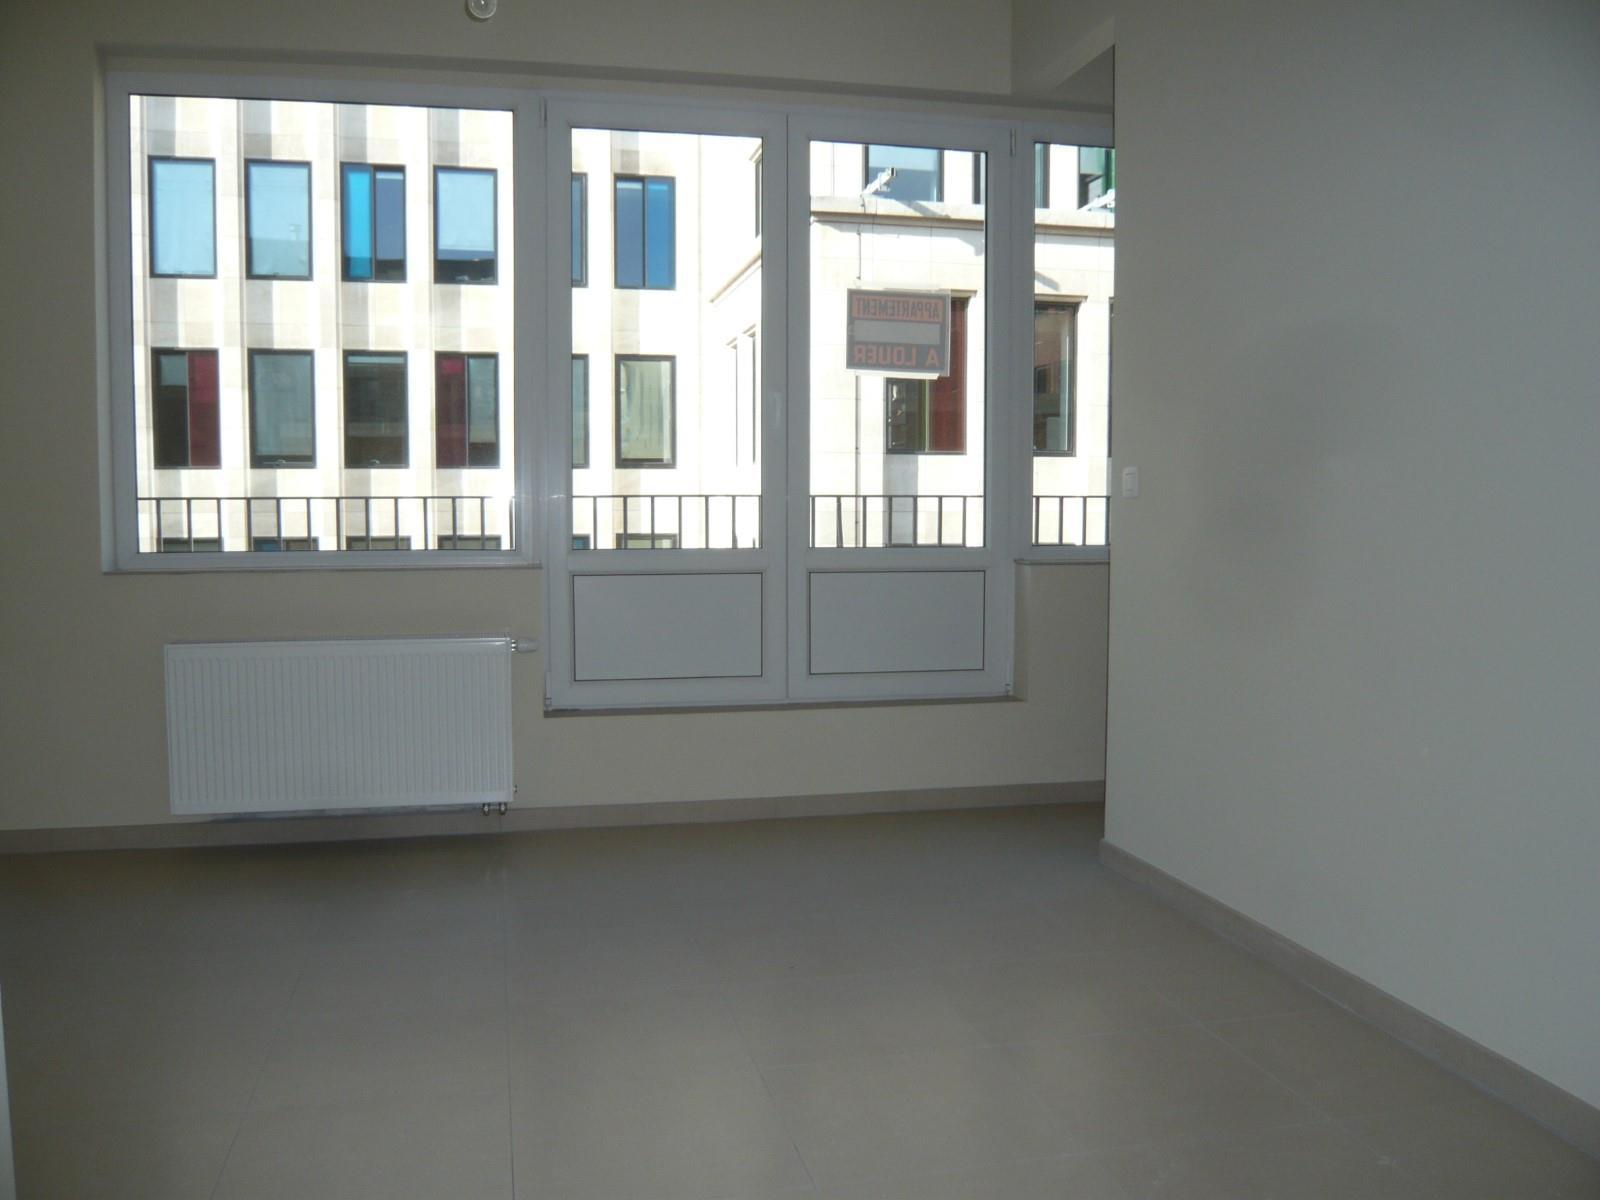 Flat - Bruxelles - #3032415-3